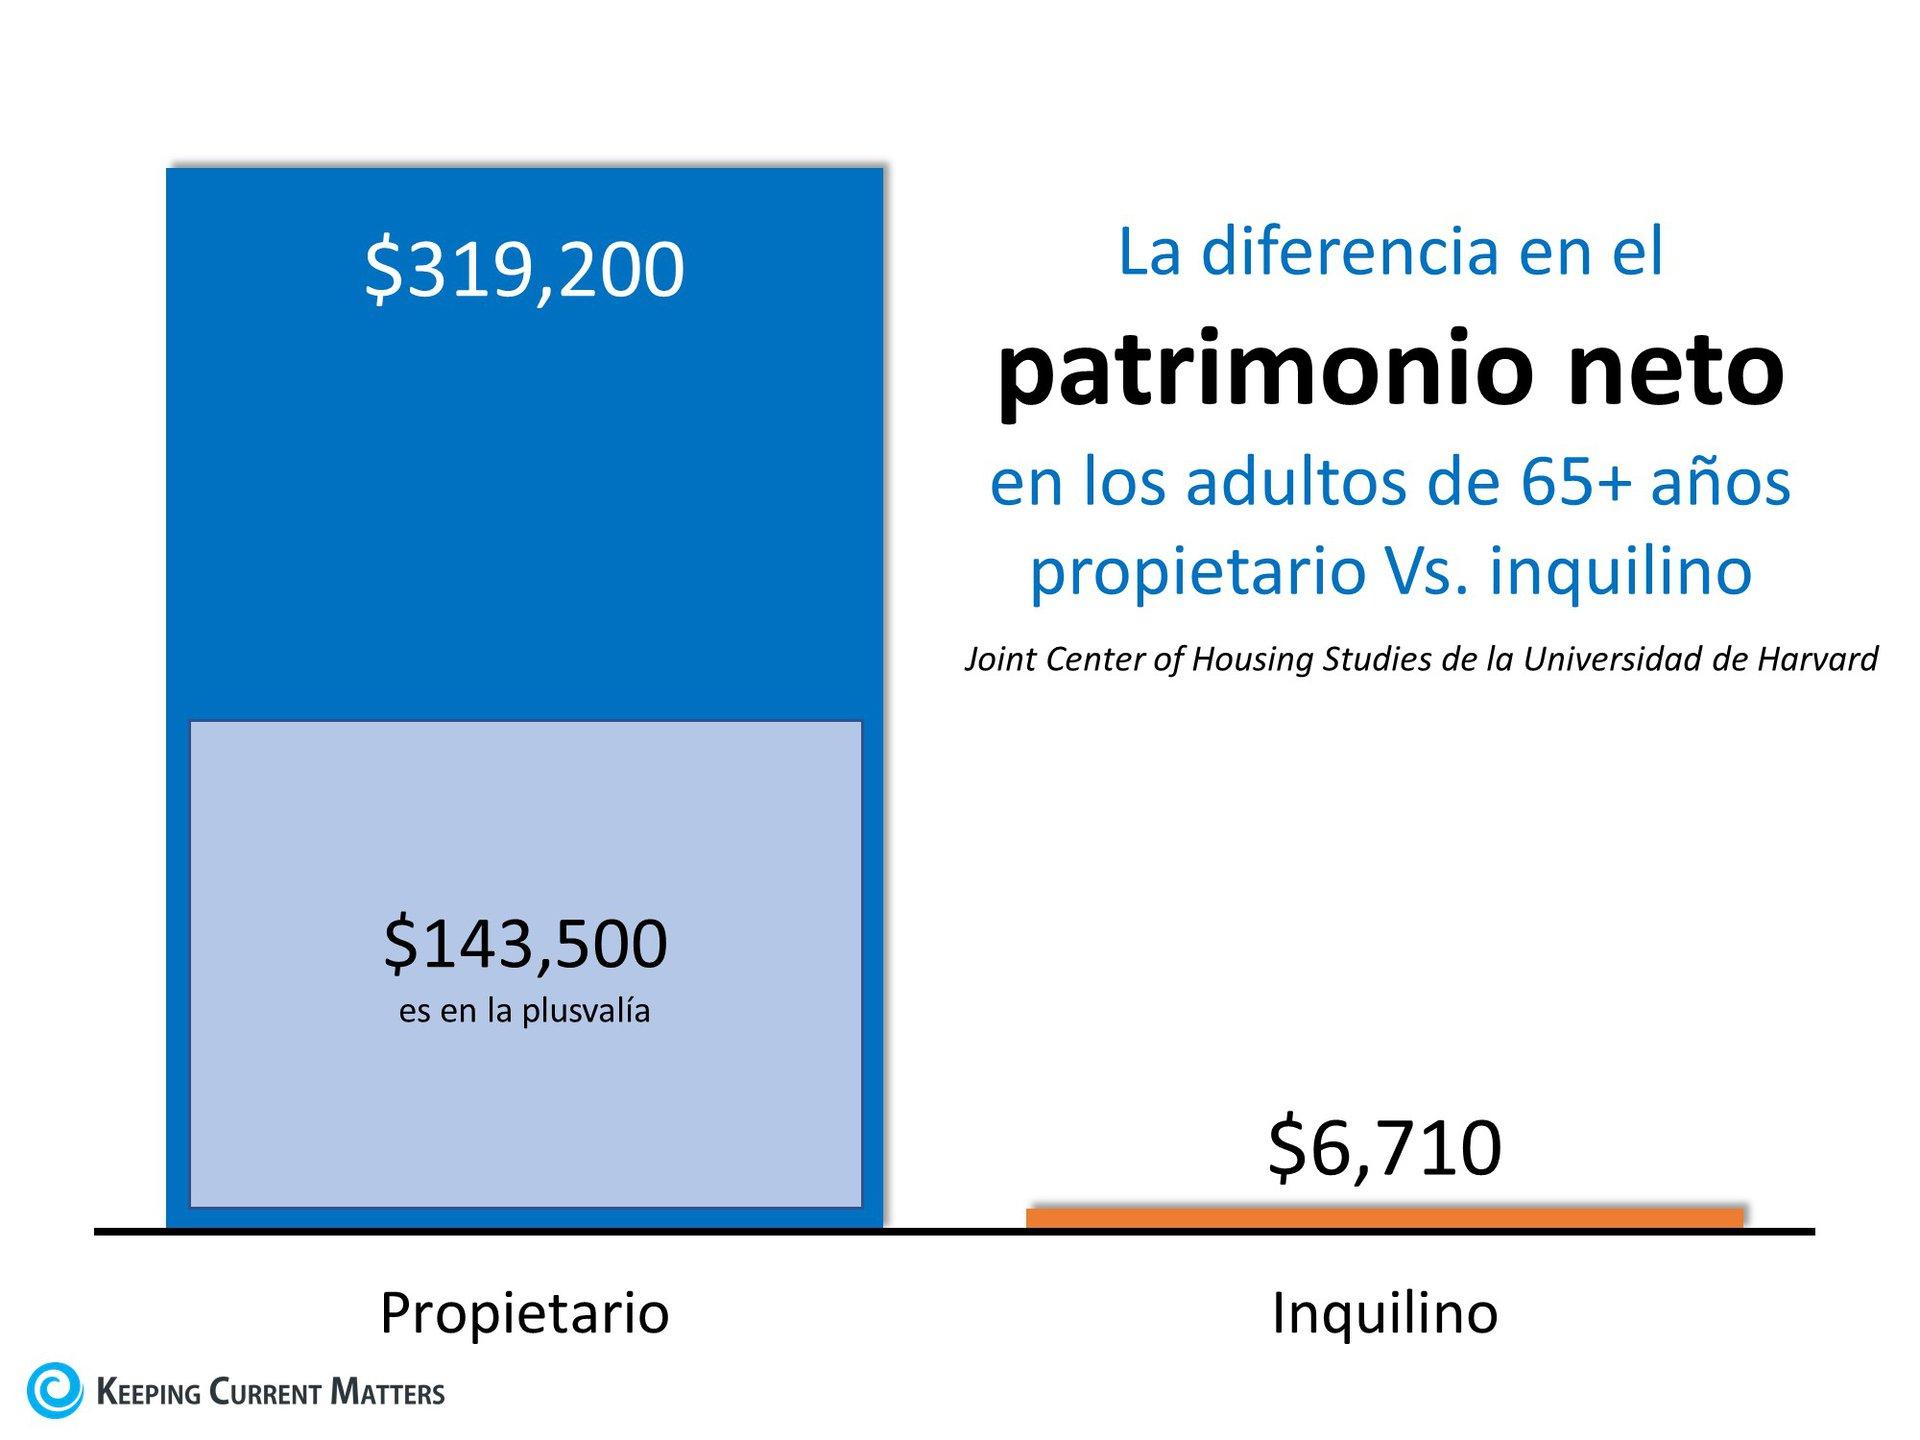 Los propietarios de vivienda de 65 años y más tienen 48 veces más patrimonio neto que los inquilinos | Keeping Current Matters